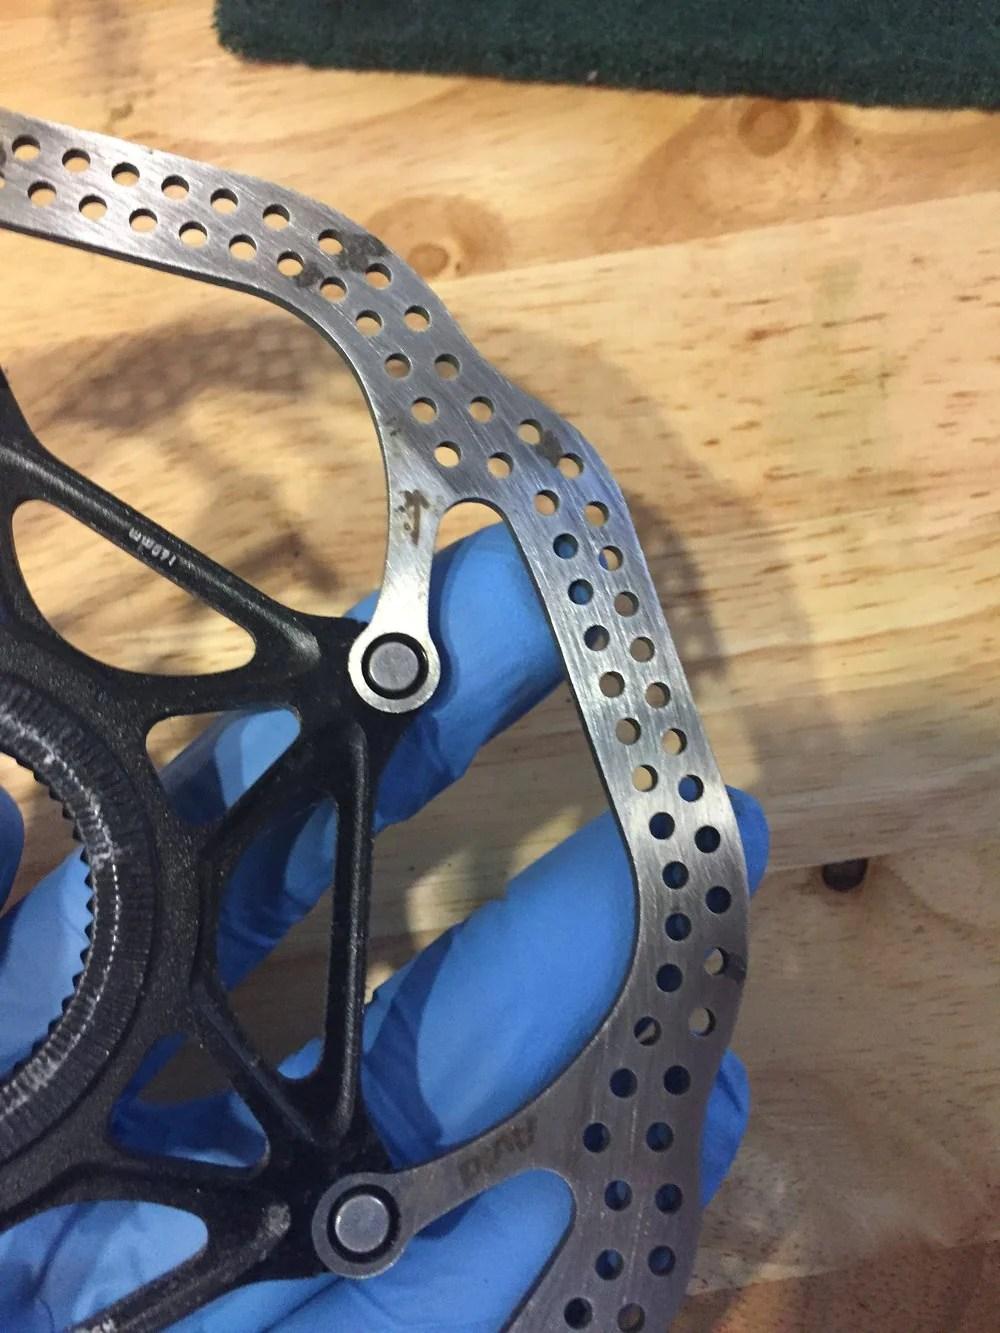 Scrub Brakes : scrub, brakes, Silent, Brakes, Promise), November, Bicycles